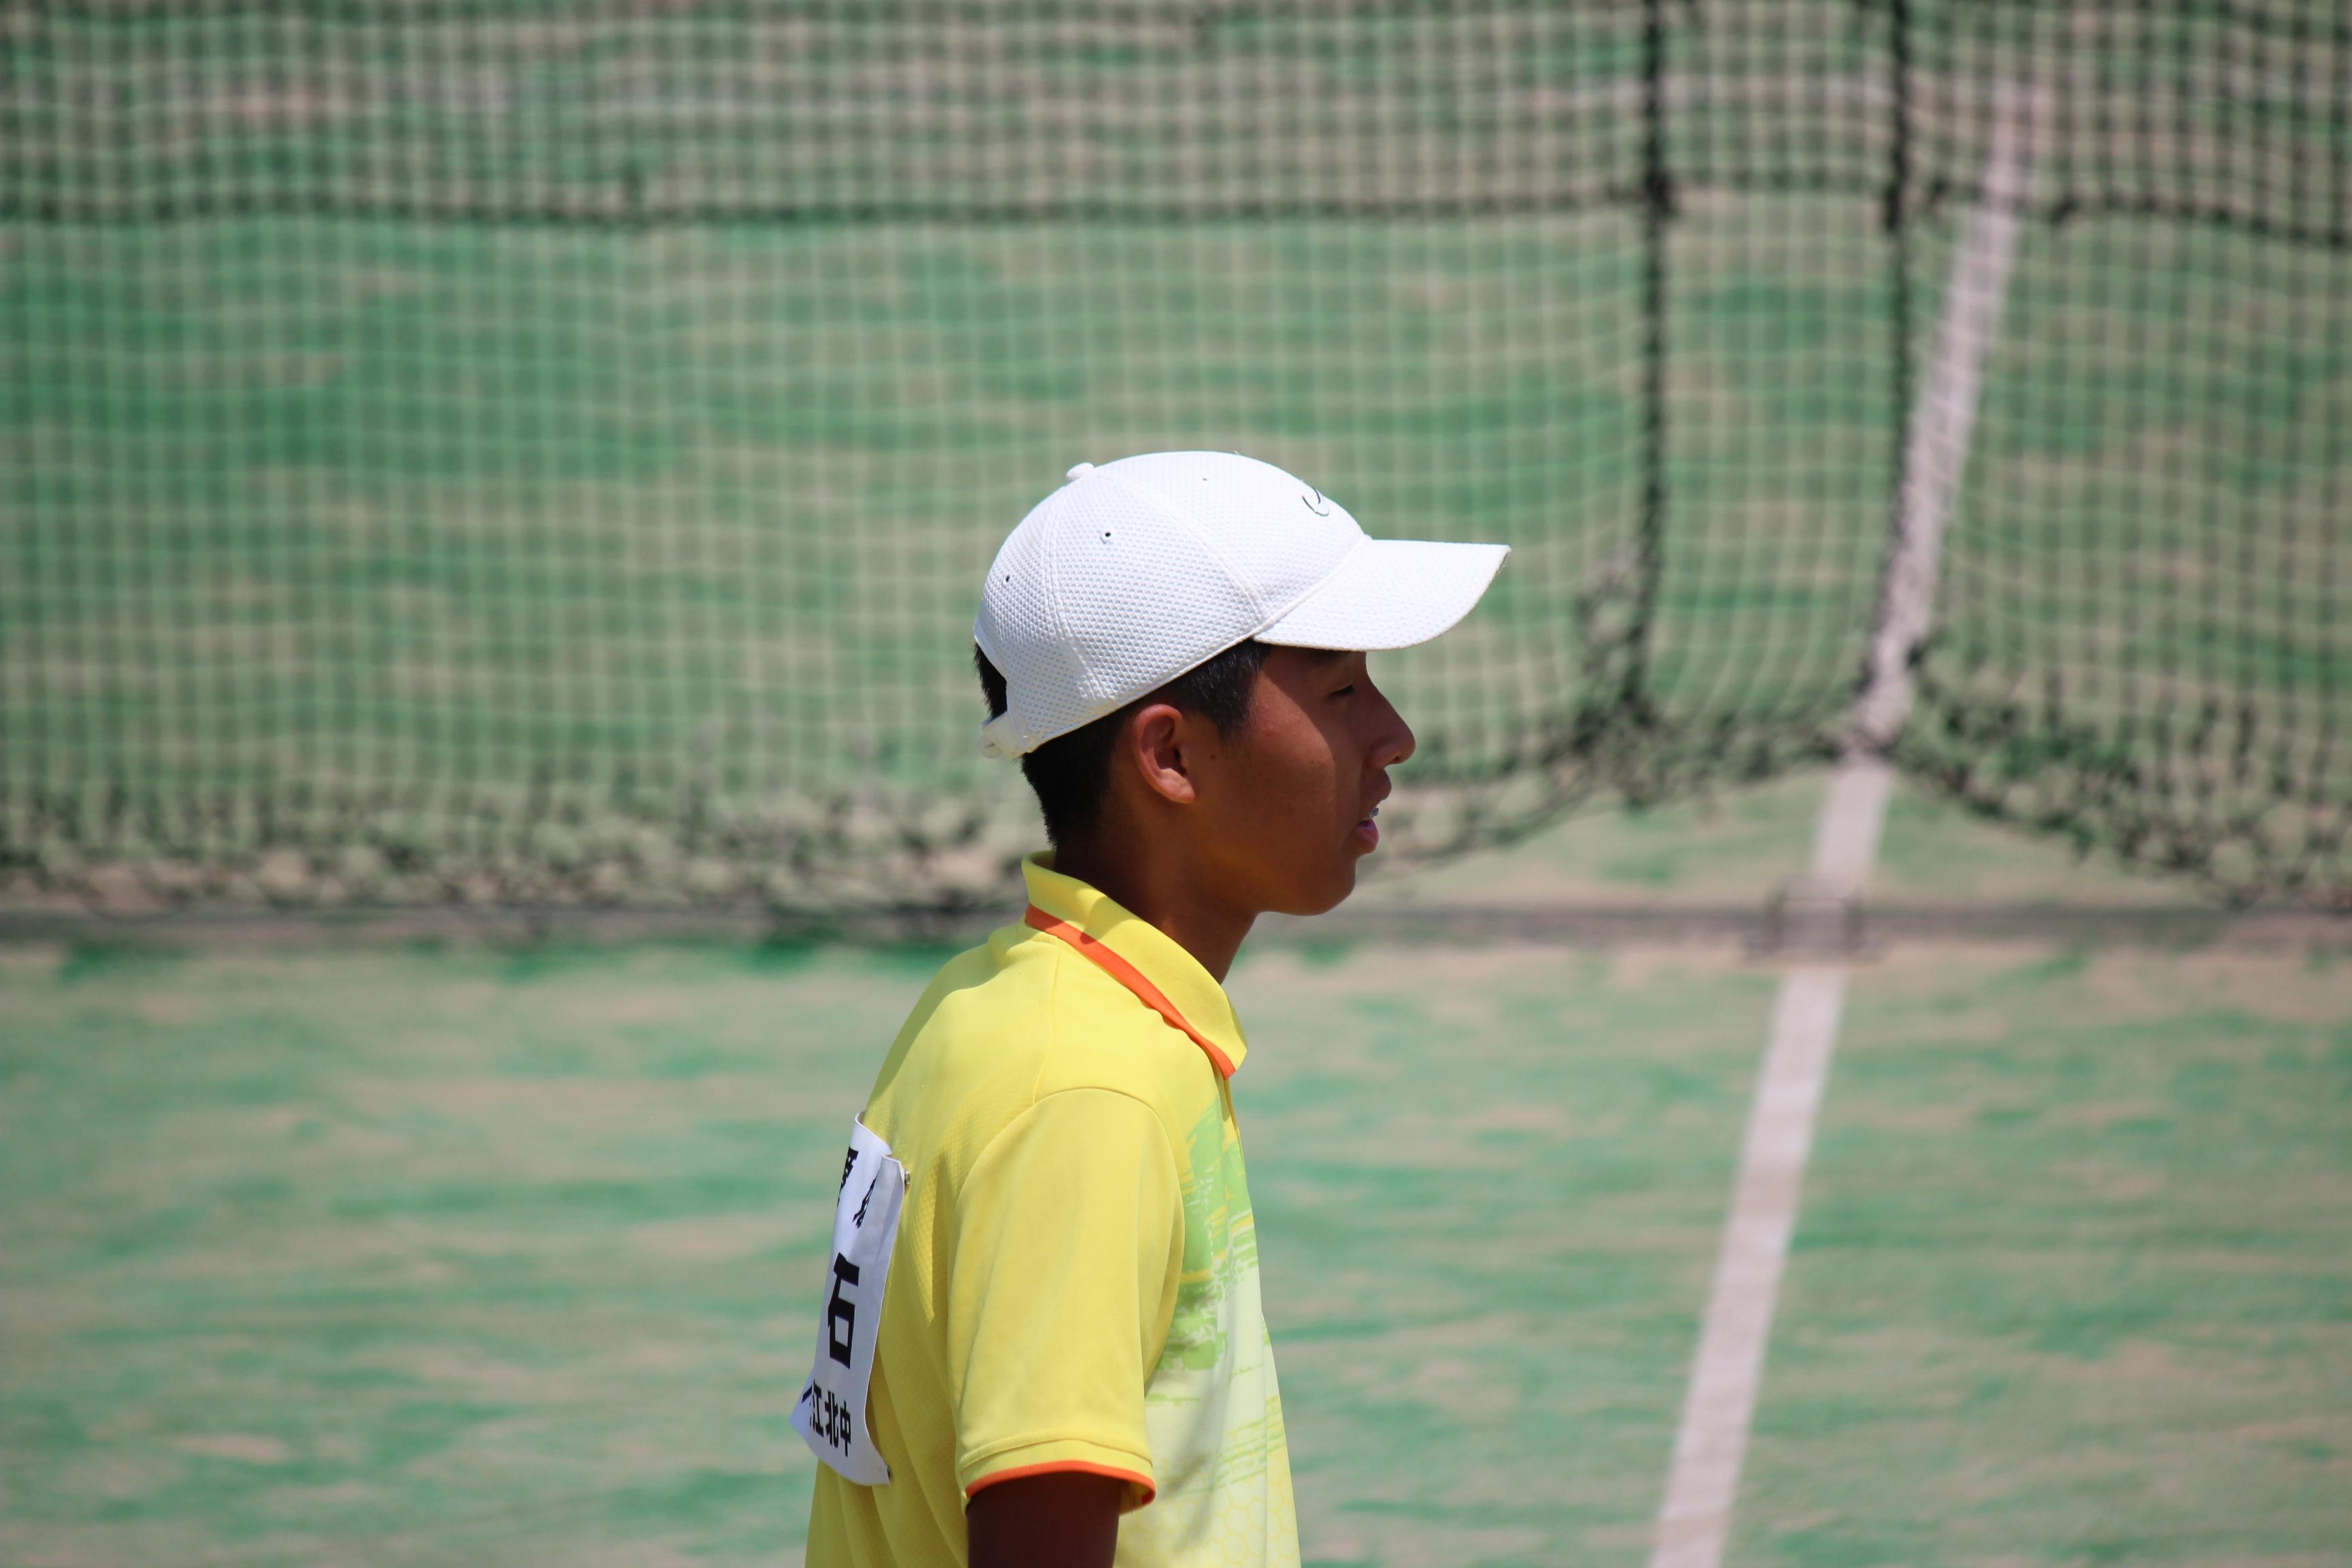 ソフトテニス (278)